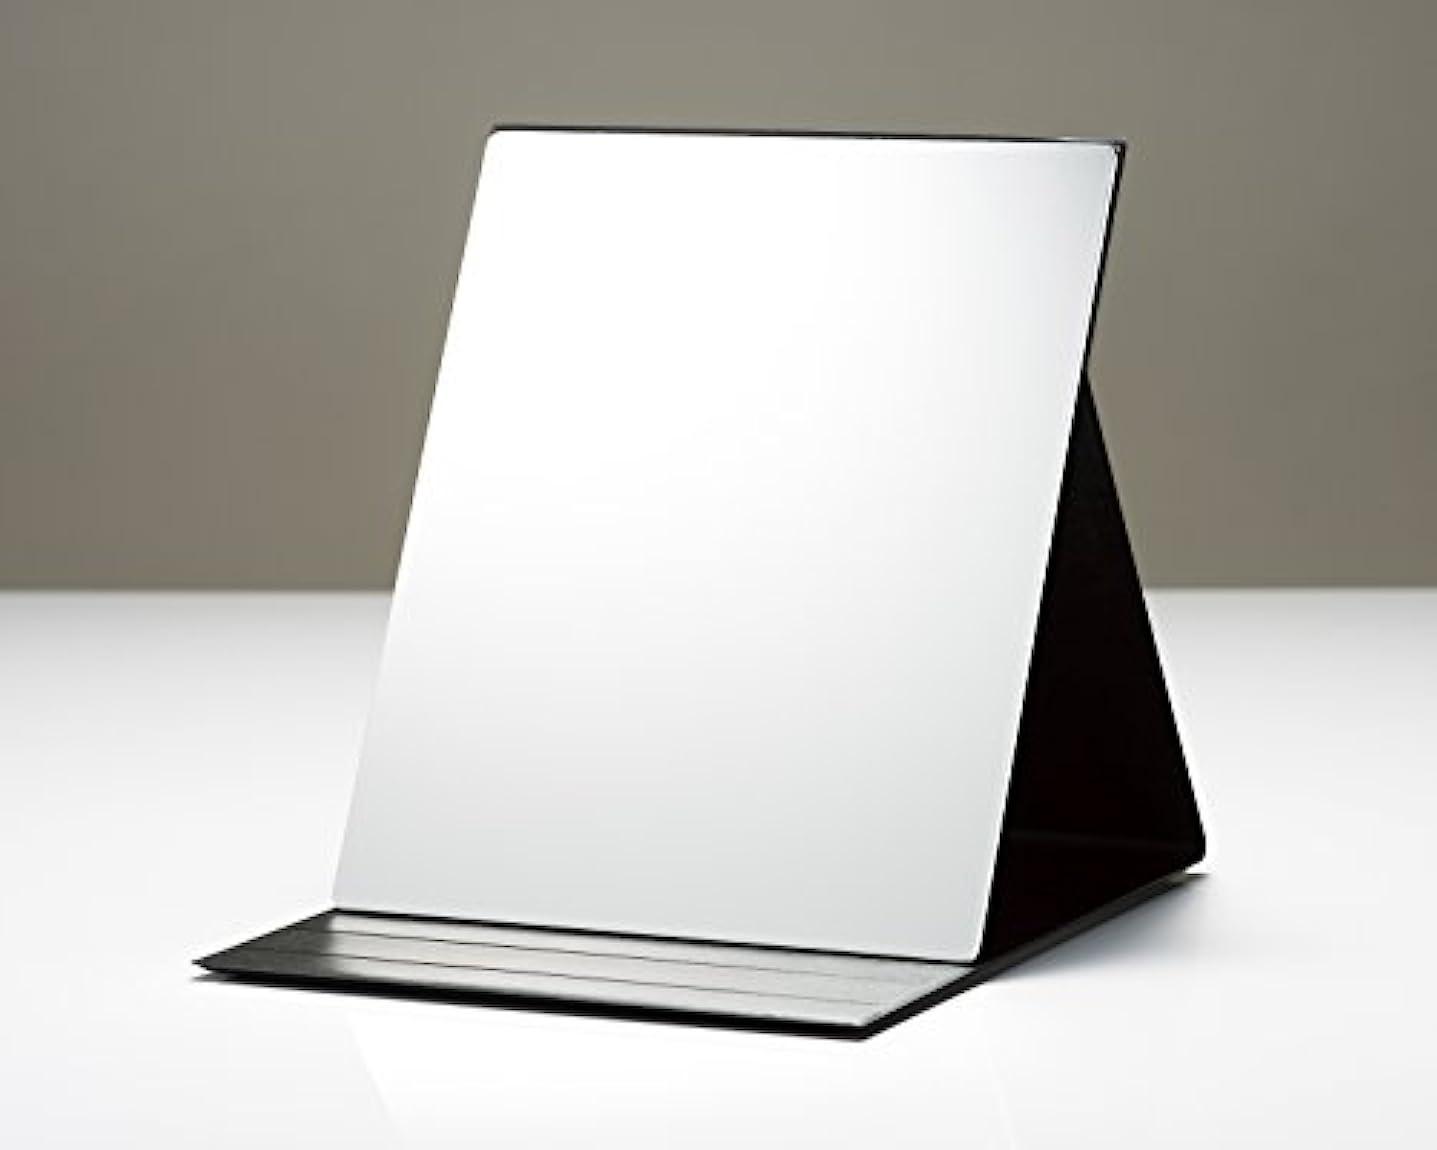 アンデス山脈ジョグ燃やす割れないミラー いきいきミラー折立(3L)